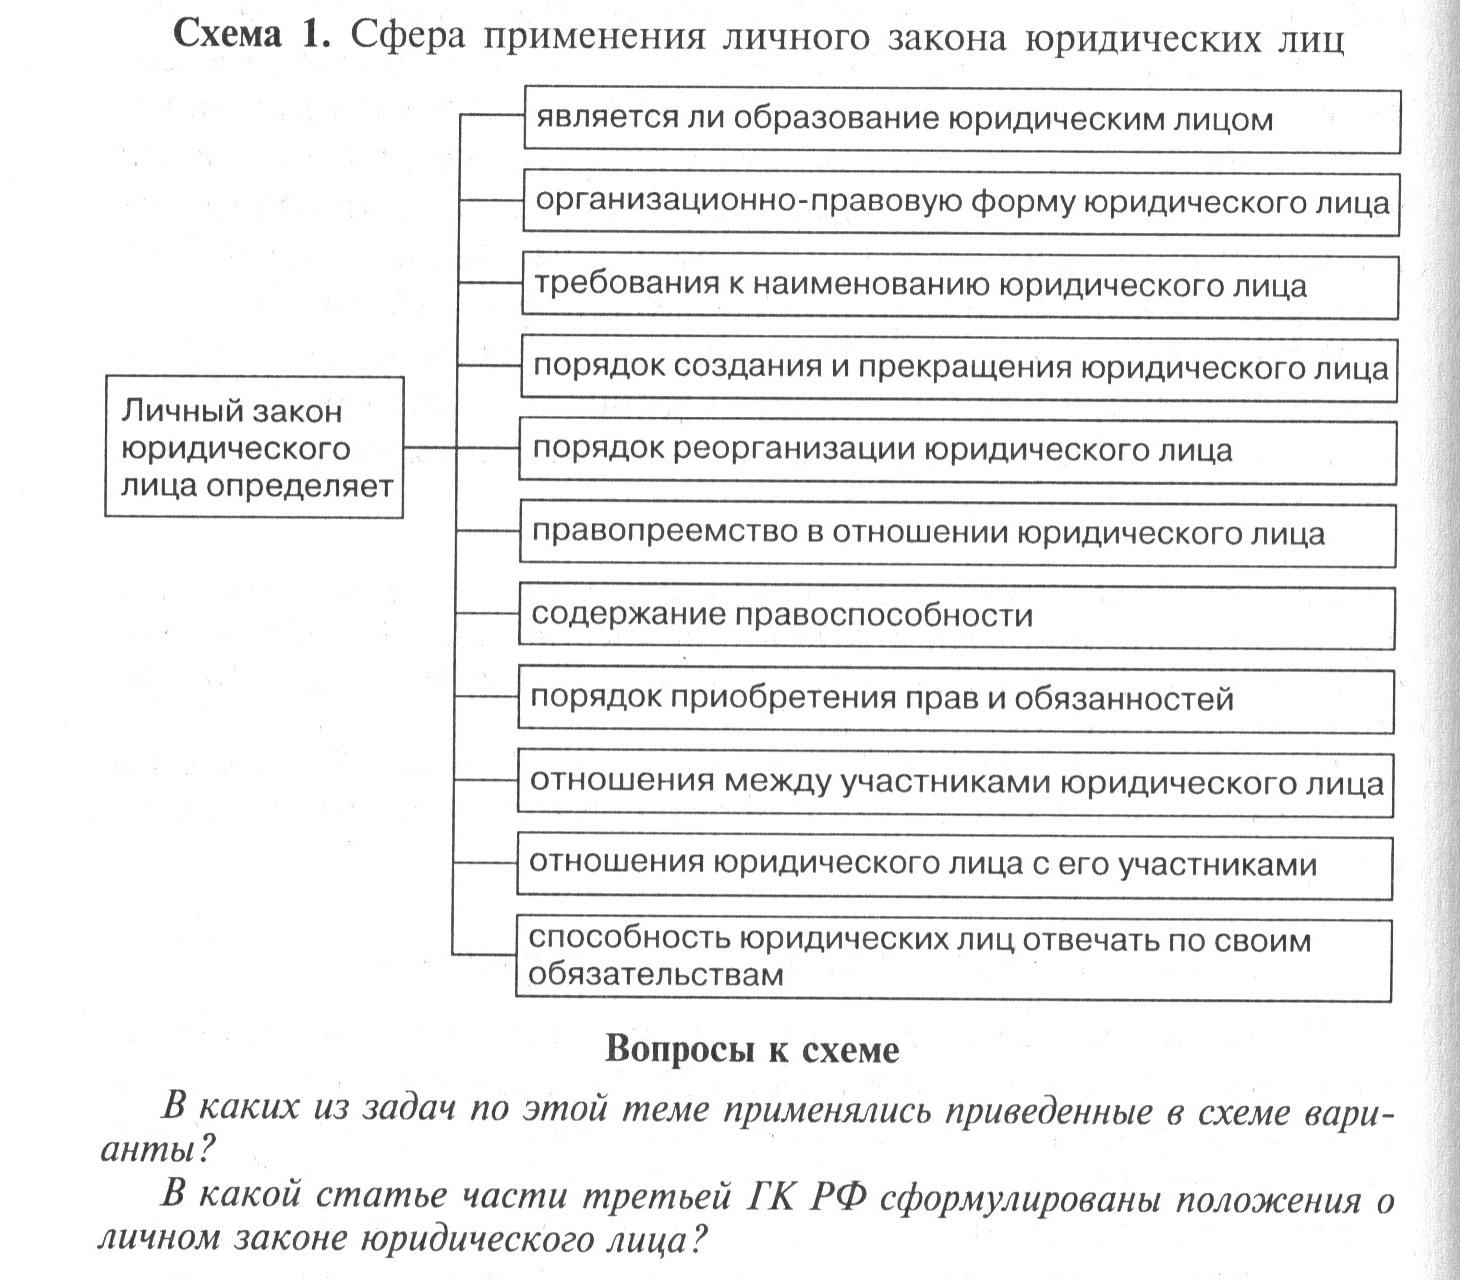 Реферат личный закон юридического лица 9888